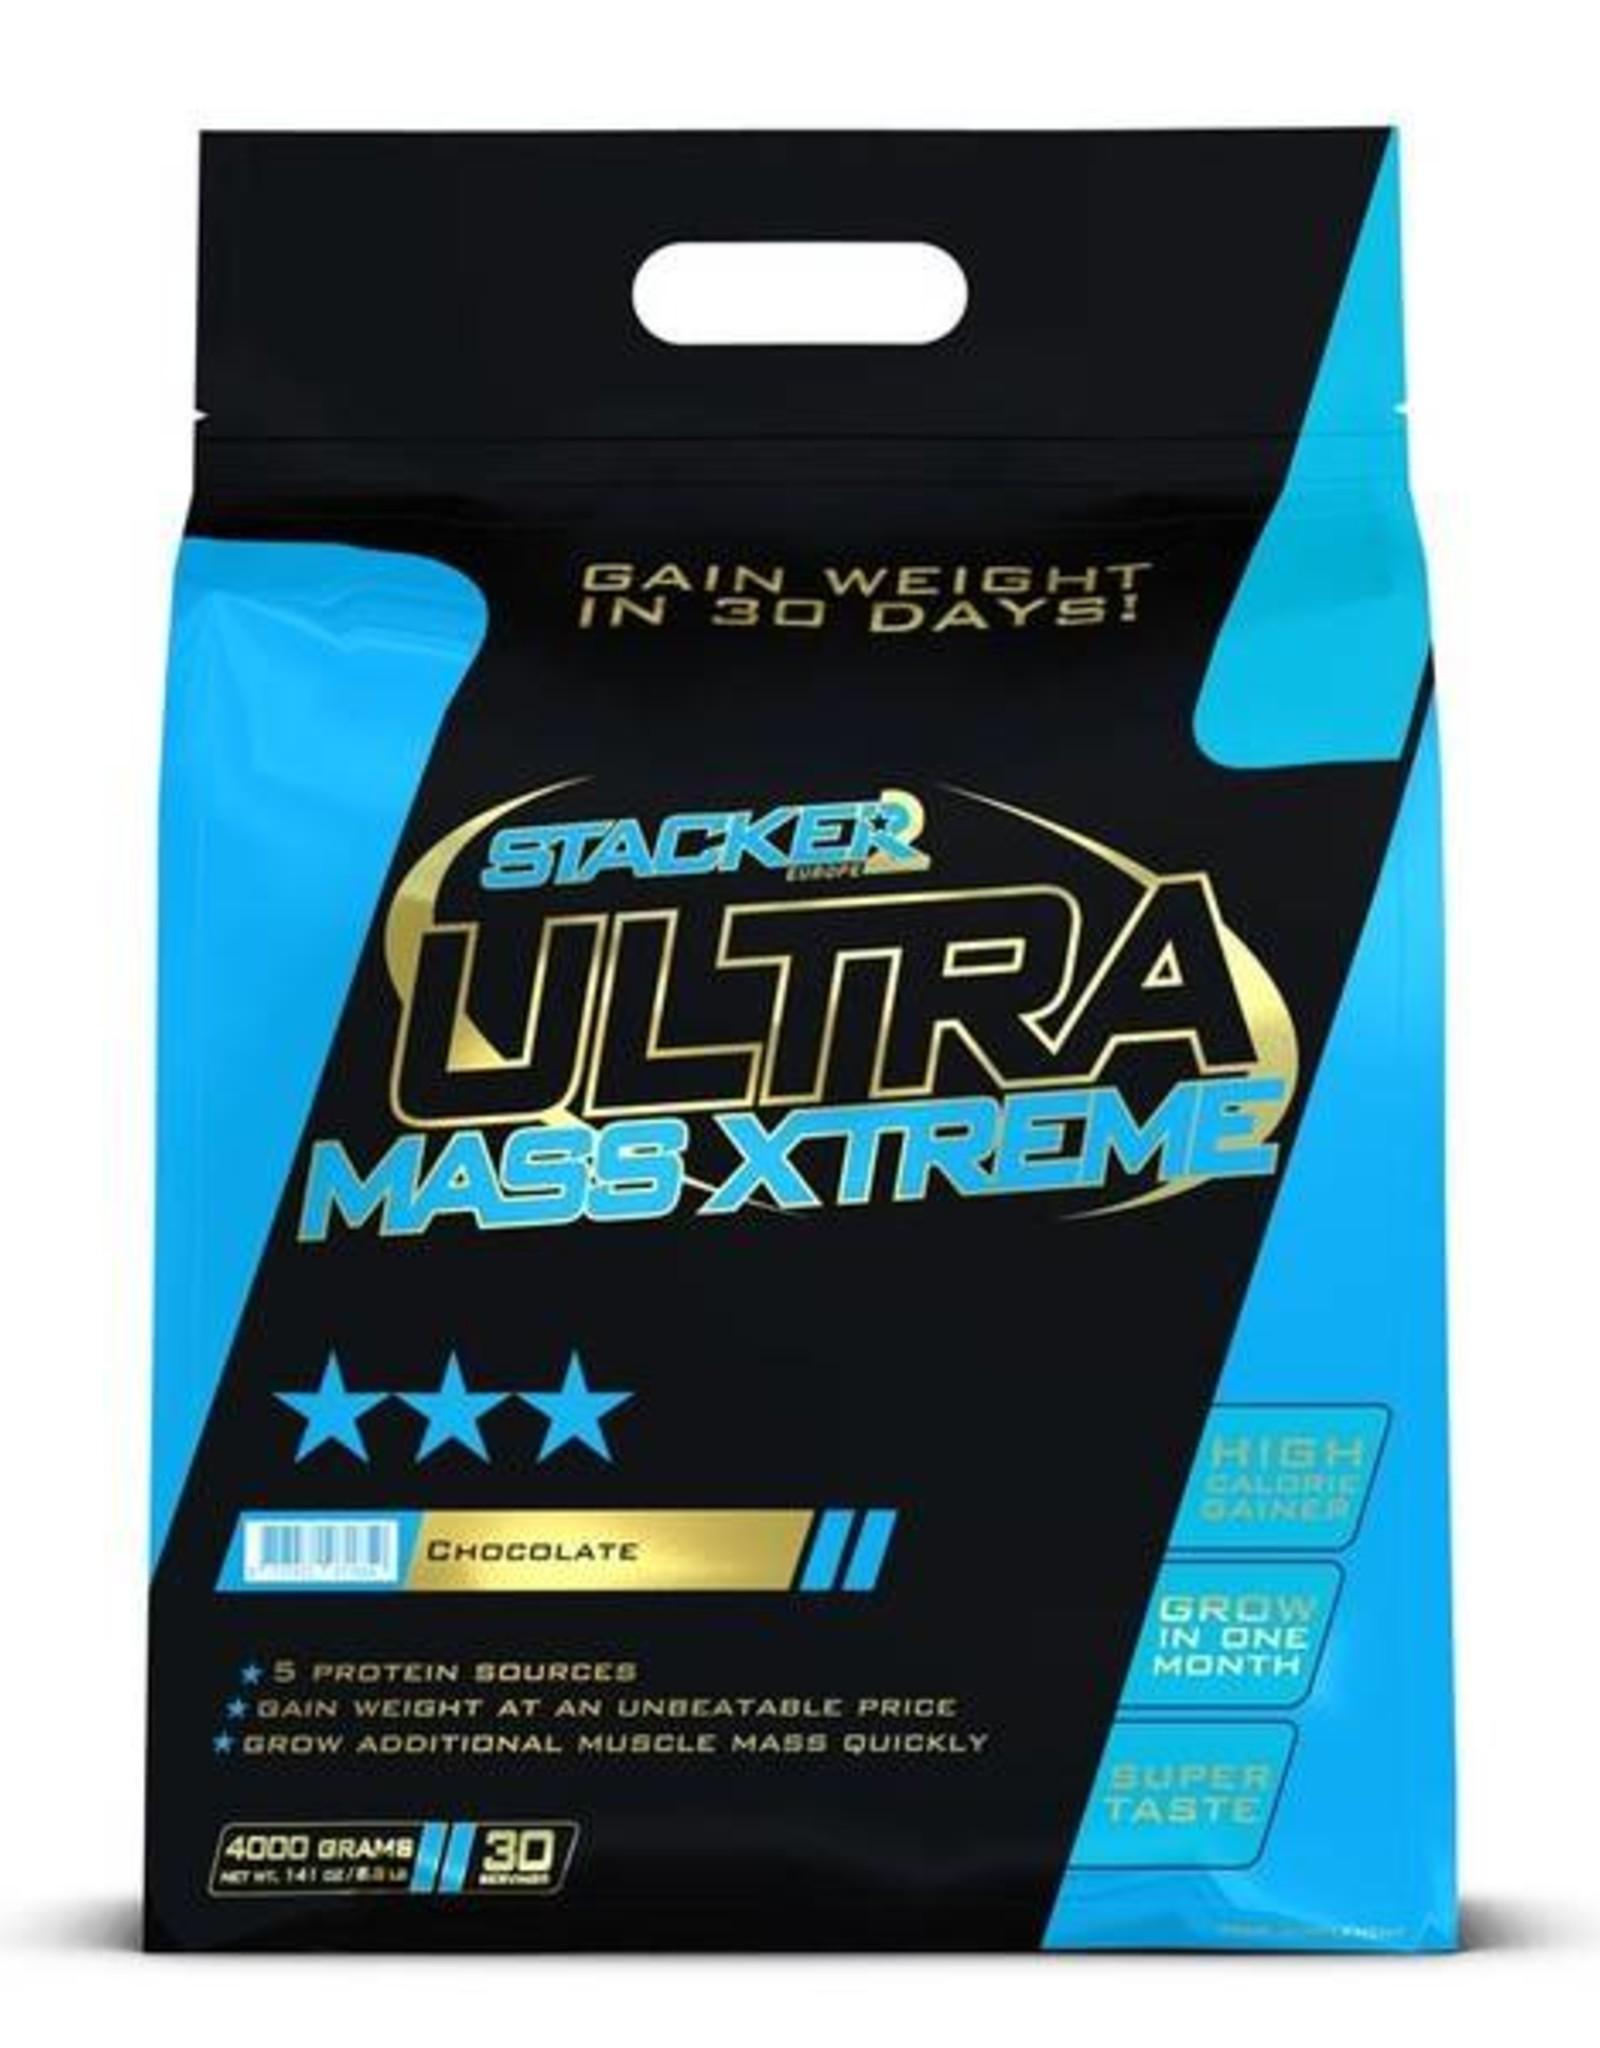 Stacker2  Ultra mass xtreme  4 kilo